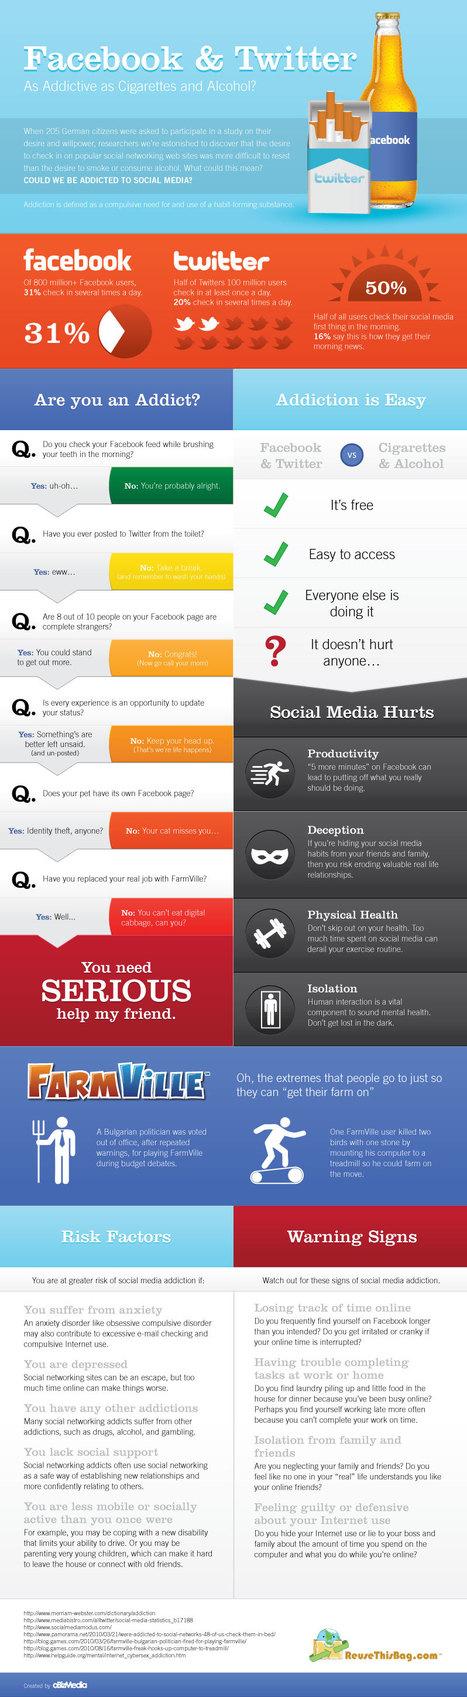 L'addiction aux réseaux sociaux : alors accro ou pas ? | La veille de generation en action sur la communication et le web 2.0 | Scoop.it